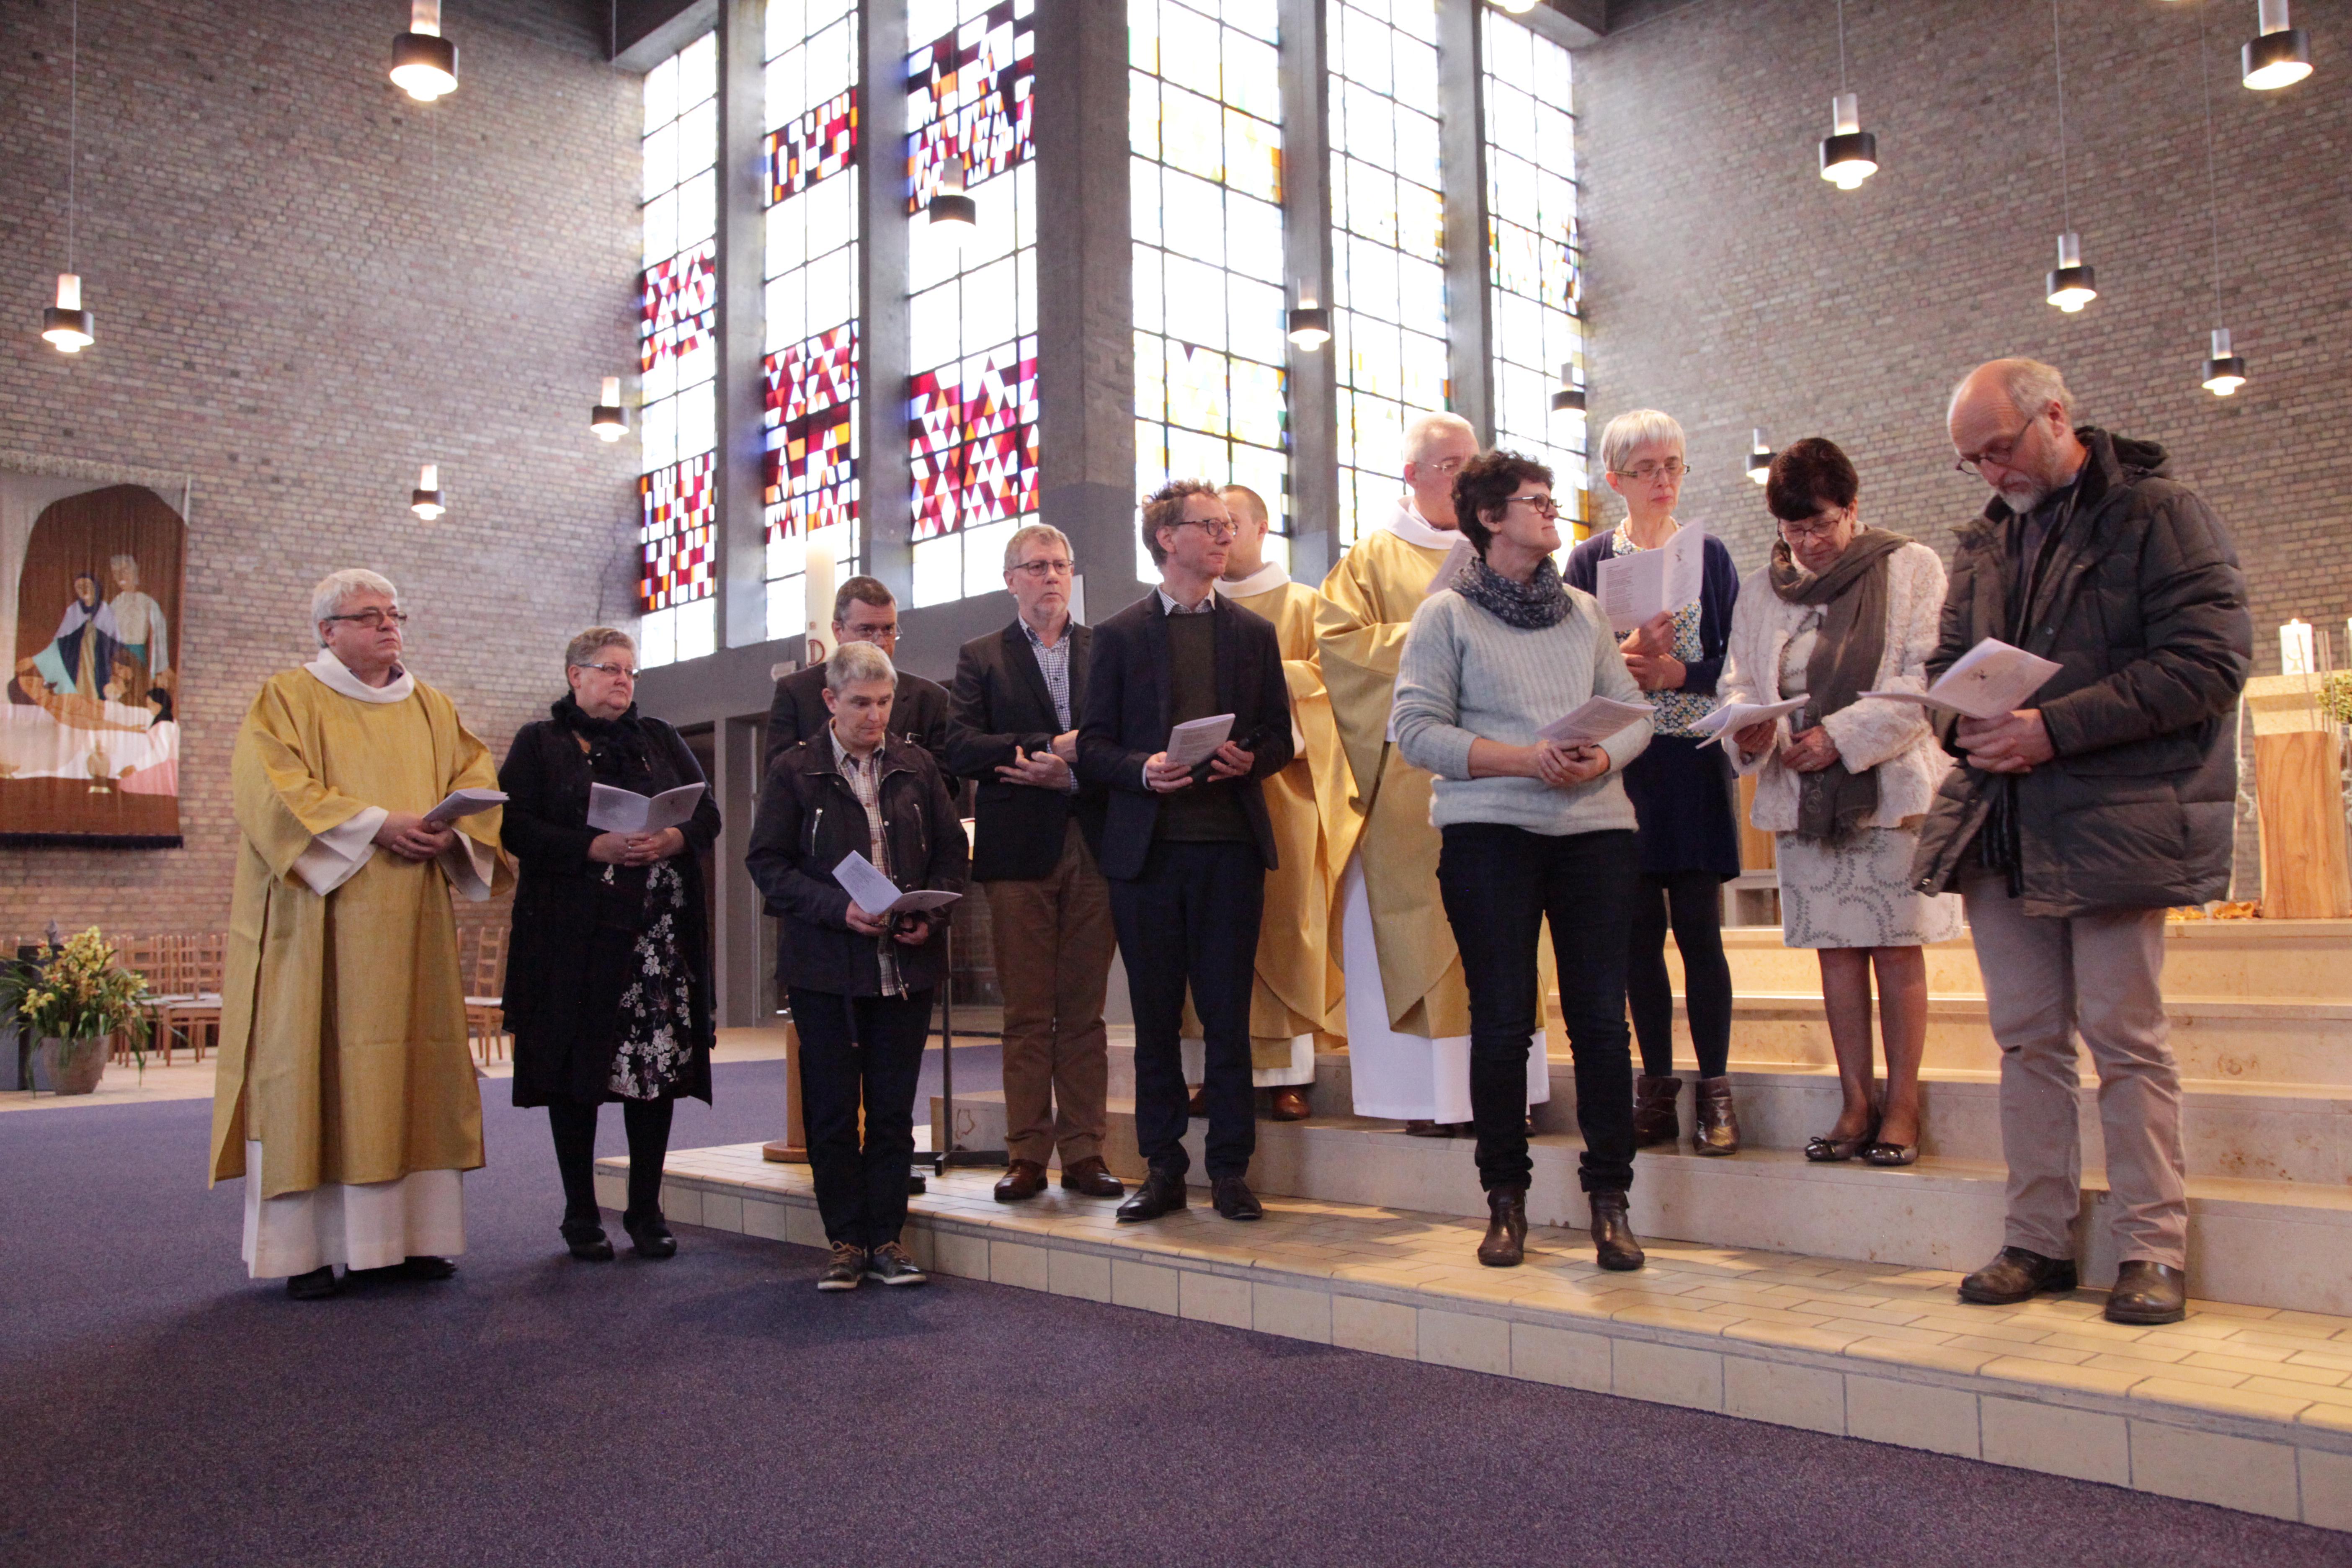 Tijdens de viering spraken de teamleden gezamenlijk hun engagement uit tegenover diocesaan administrator E.H. Koen Vanhoutte